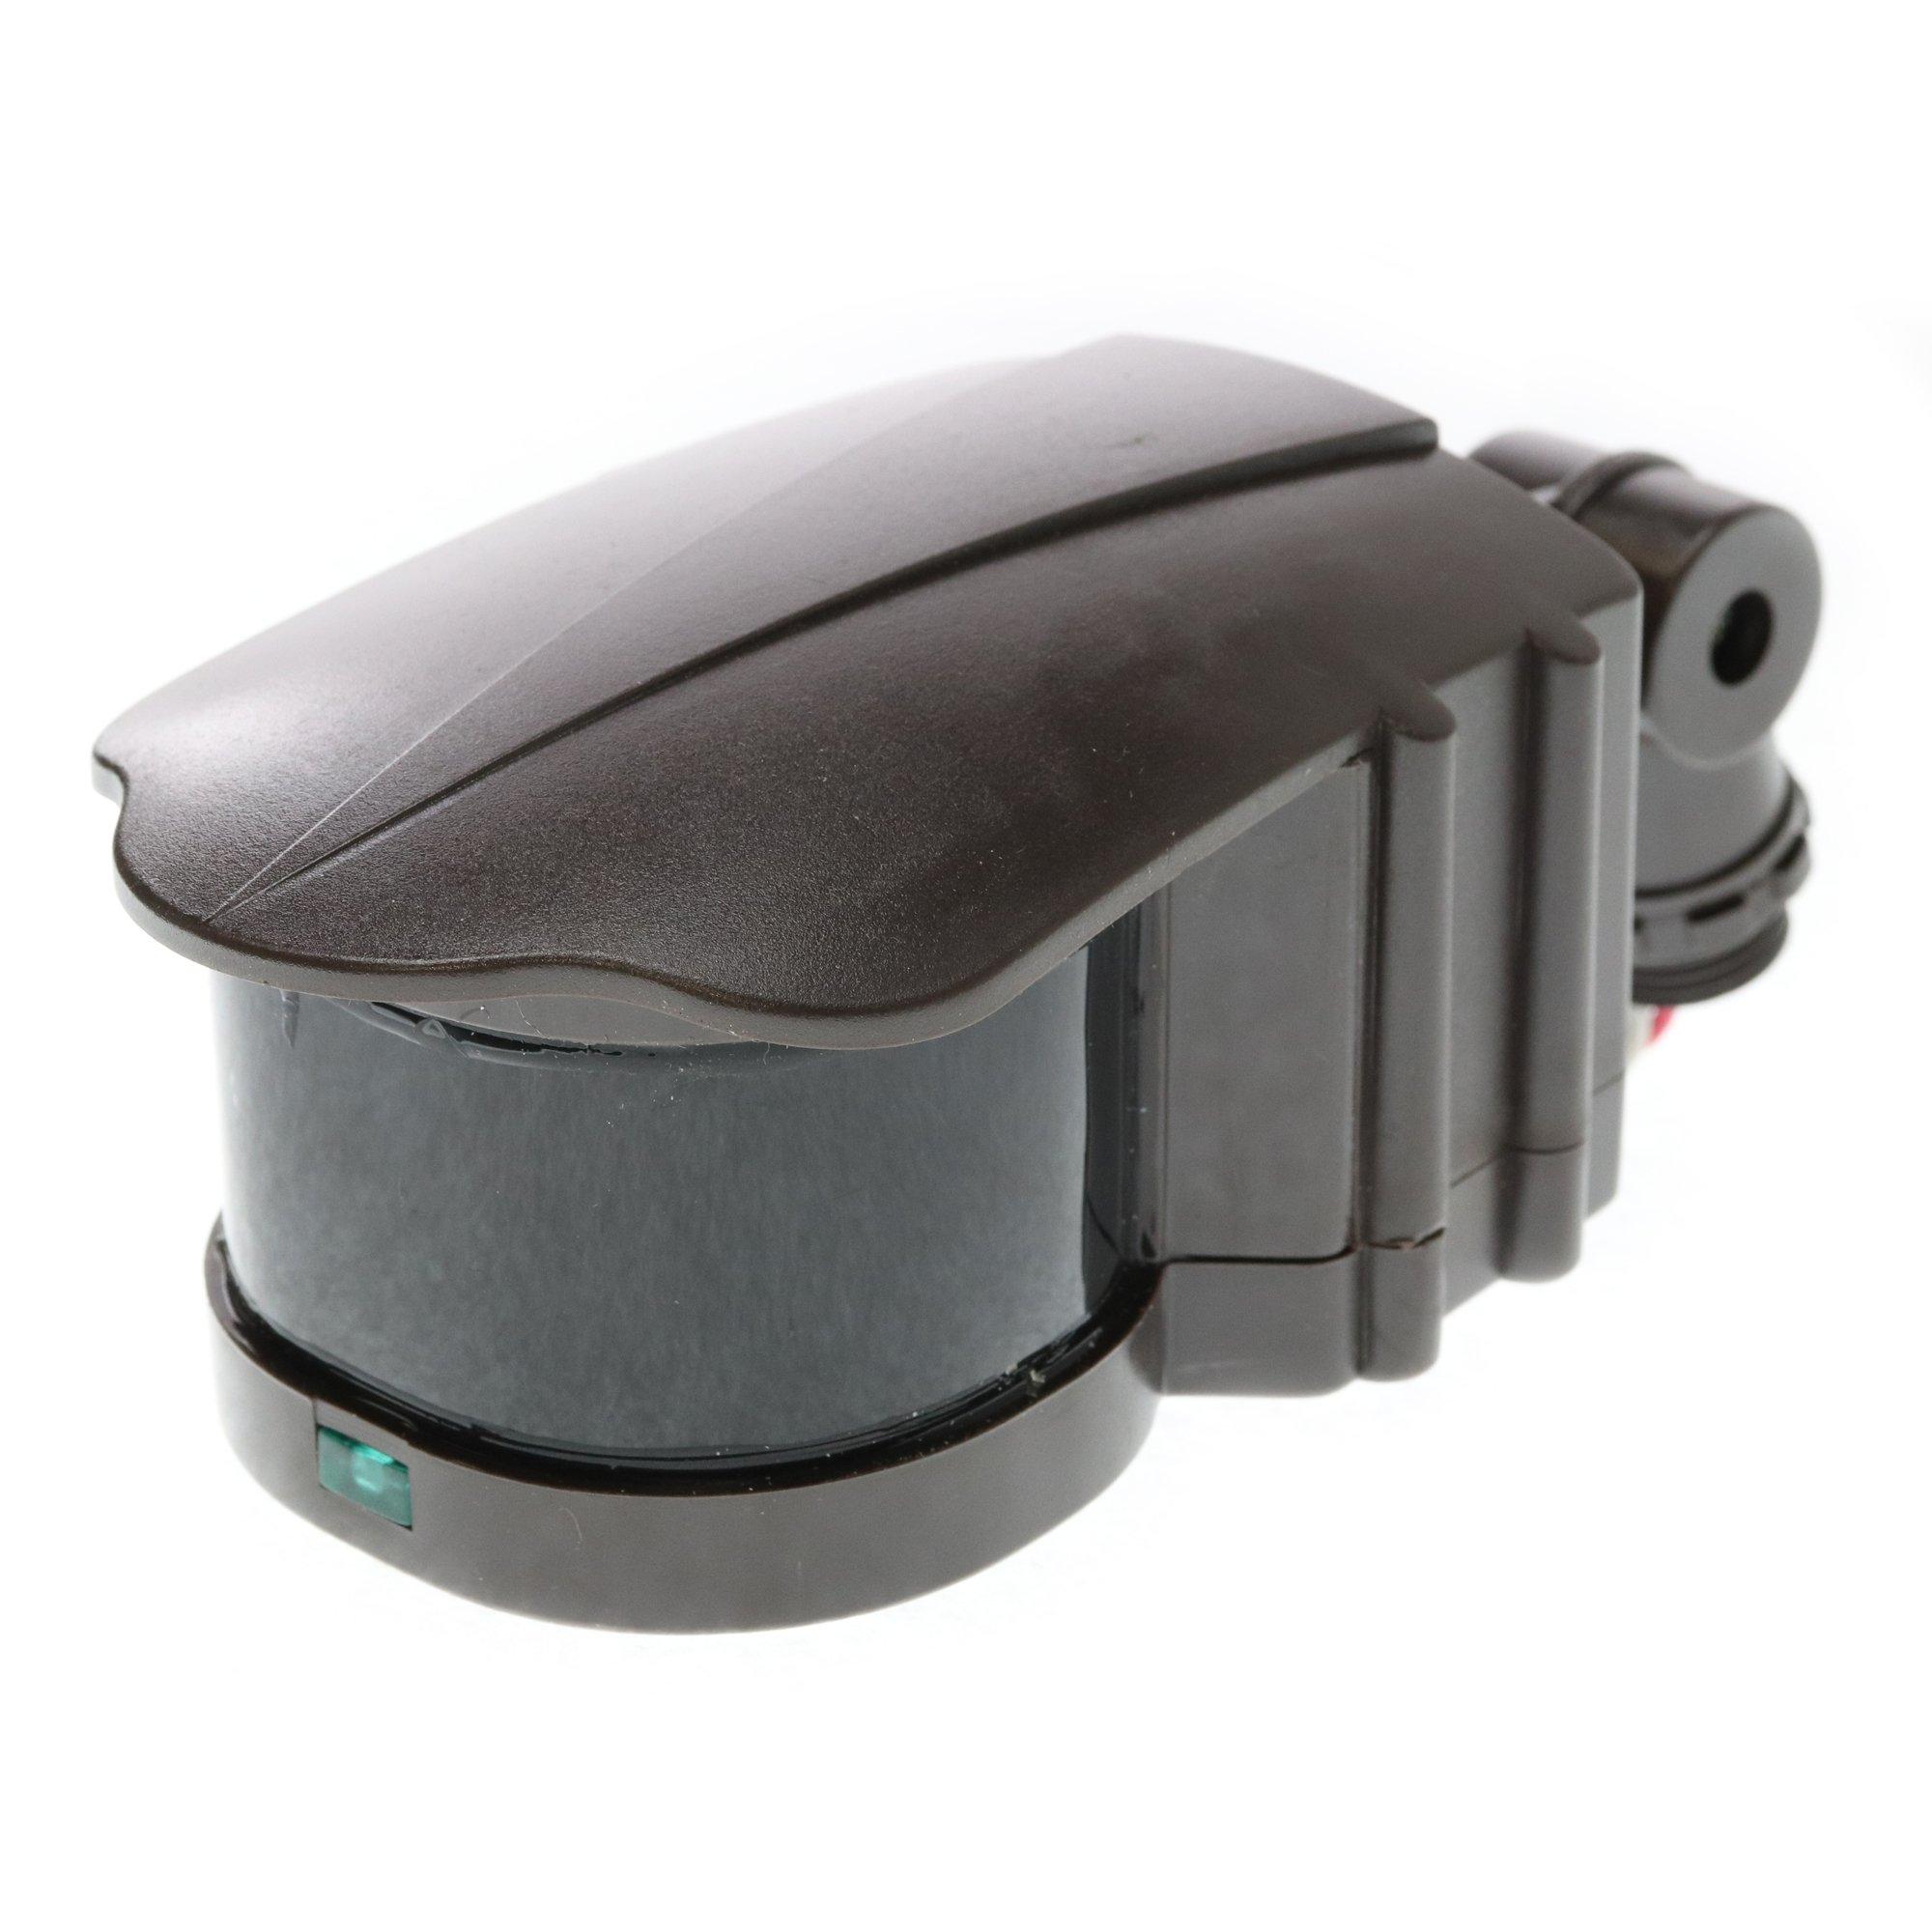 Hubbell Outdoor Lighting SO S-Series Motion Sensor, Bronze